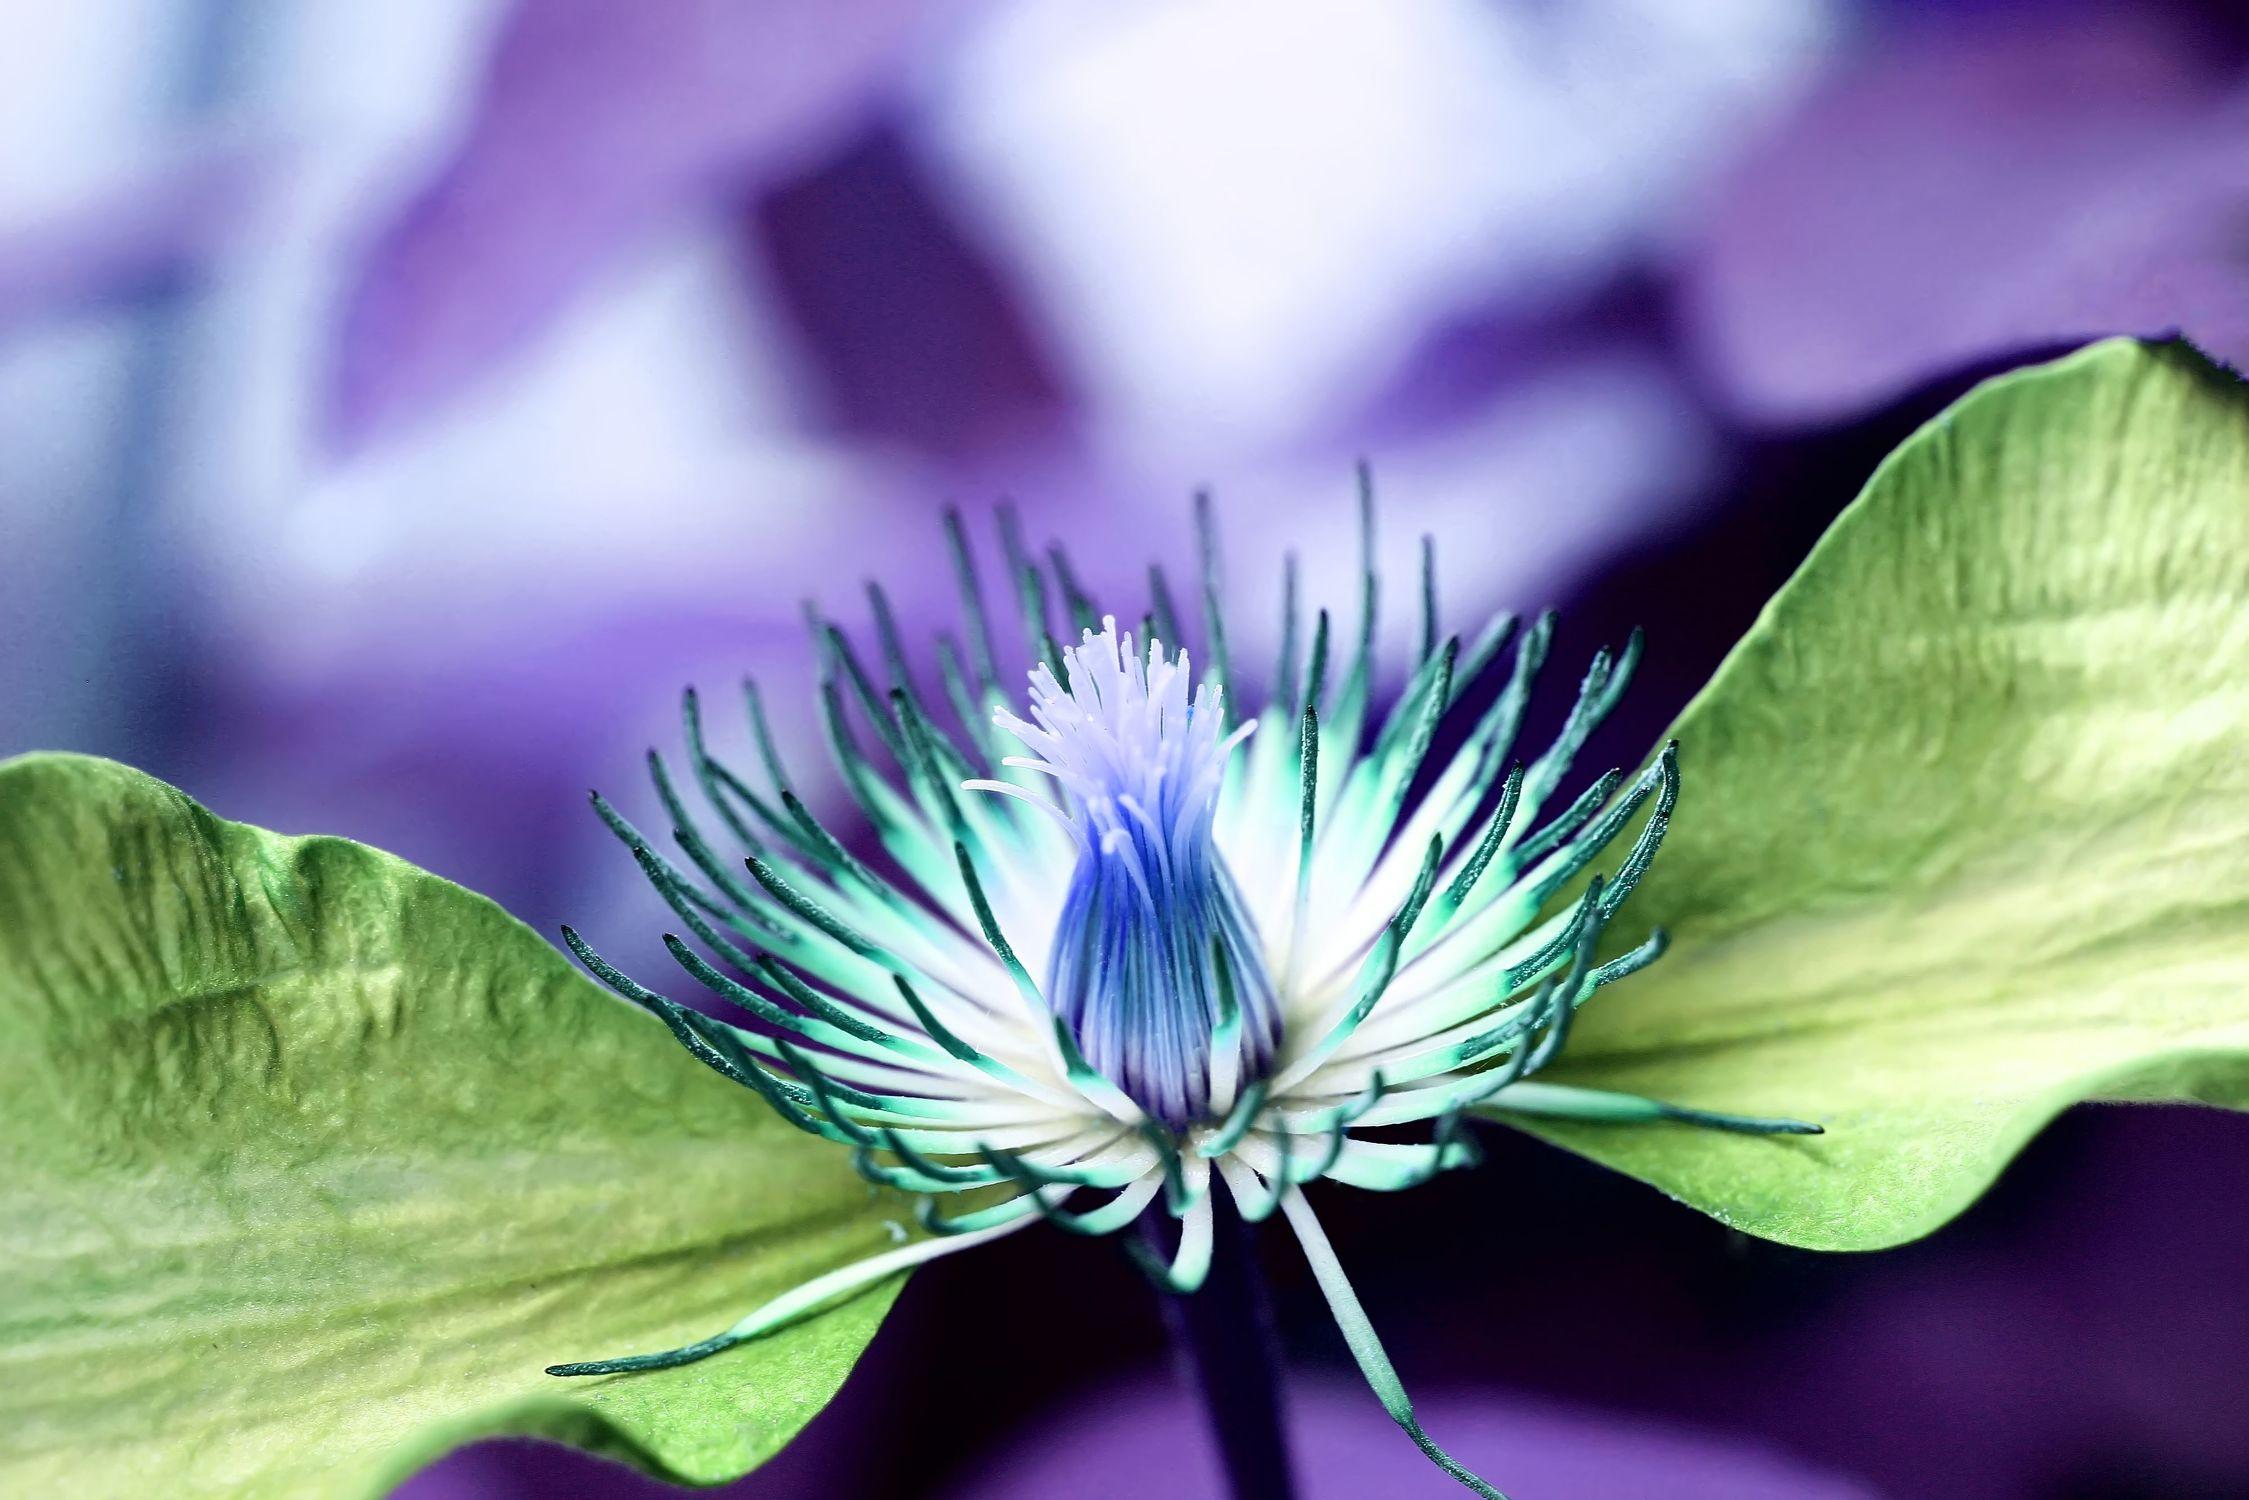 Bild mit Pflanzen, Blumen, Blume, Pflanze, verfremdete blumen, Blüten, blüte